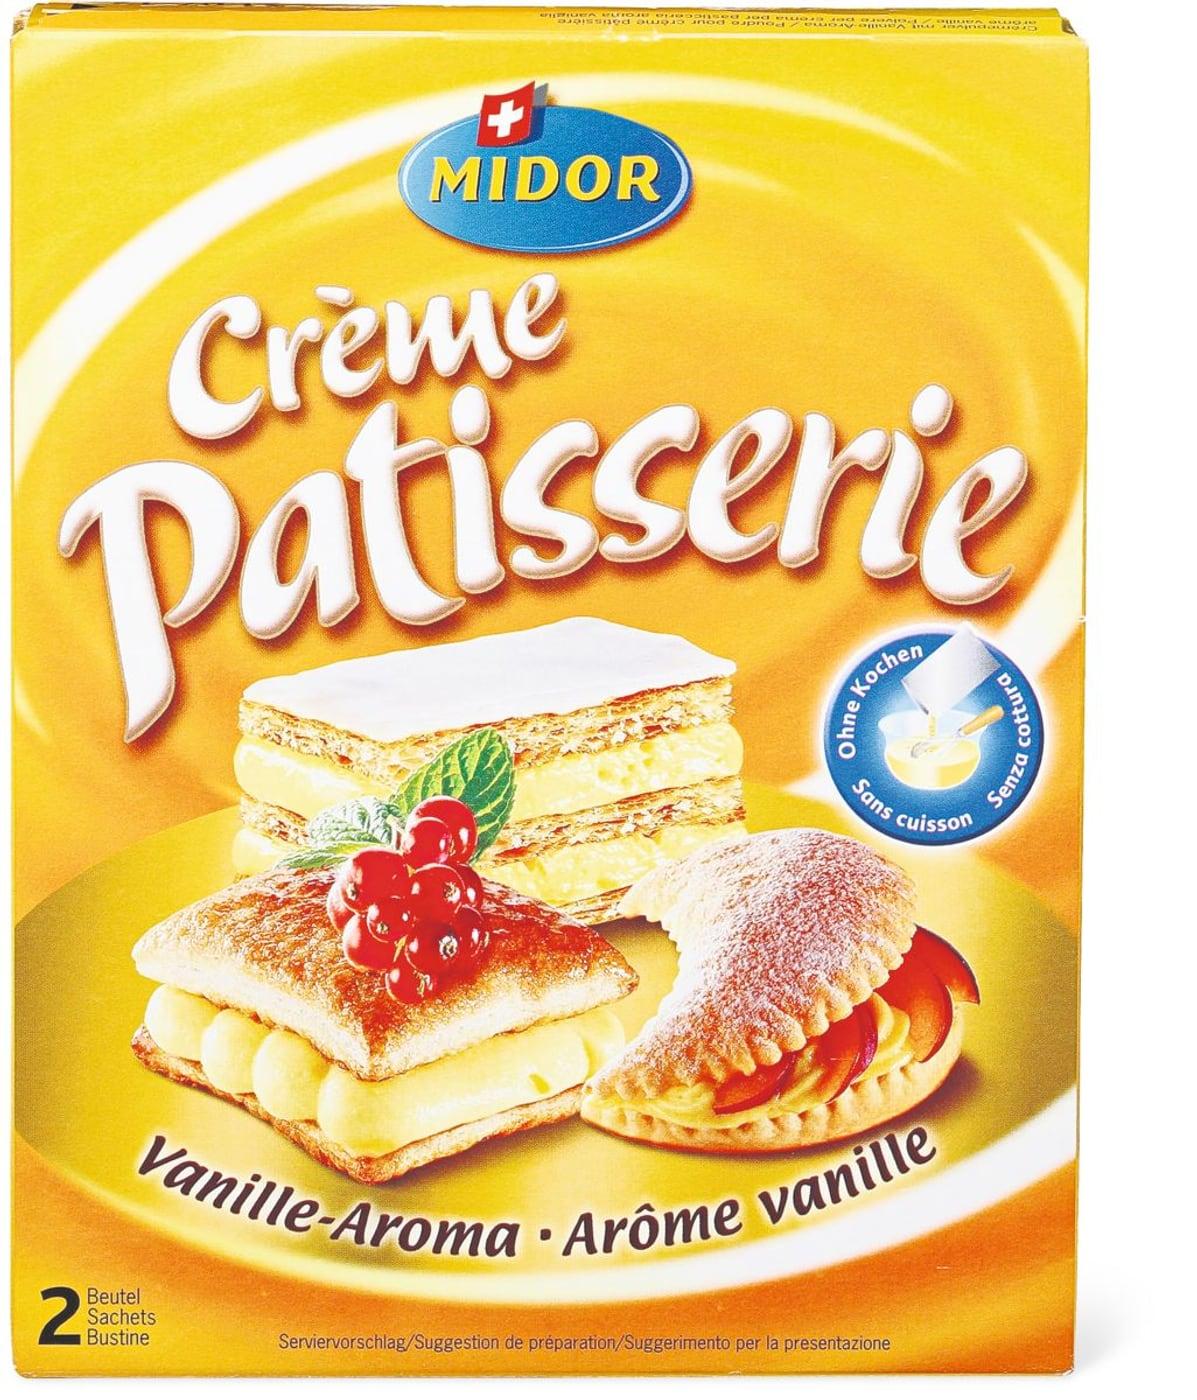 Patisserie Creme